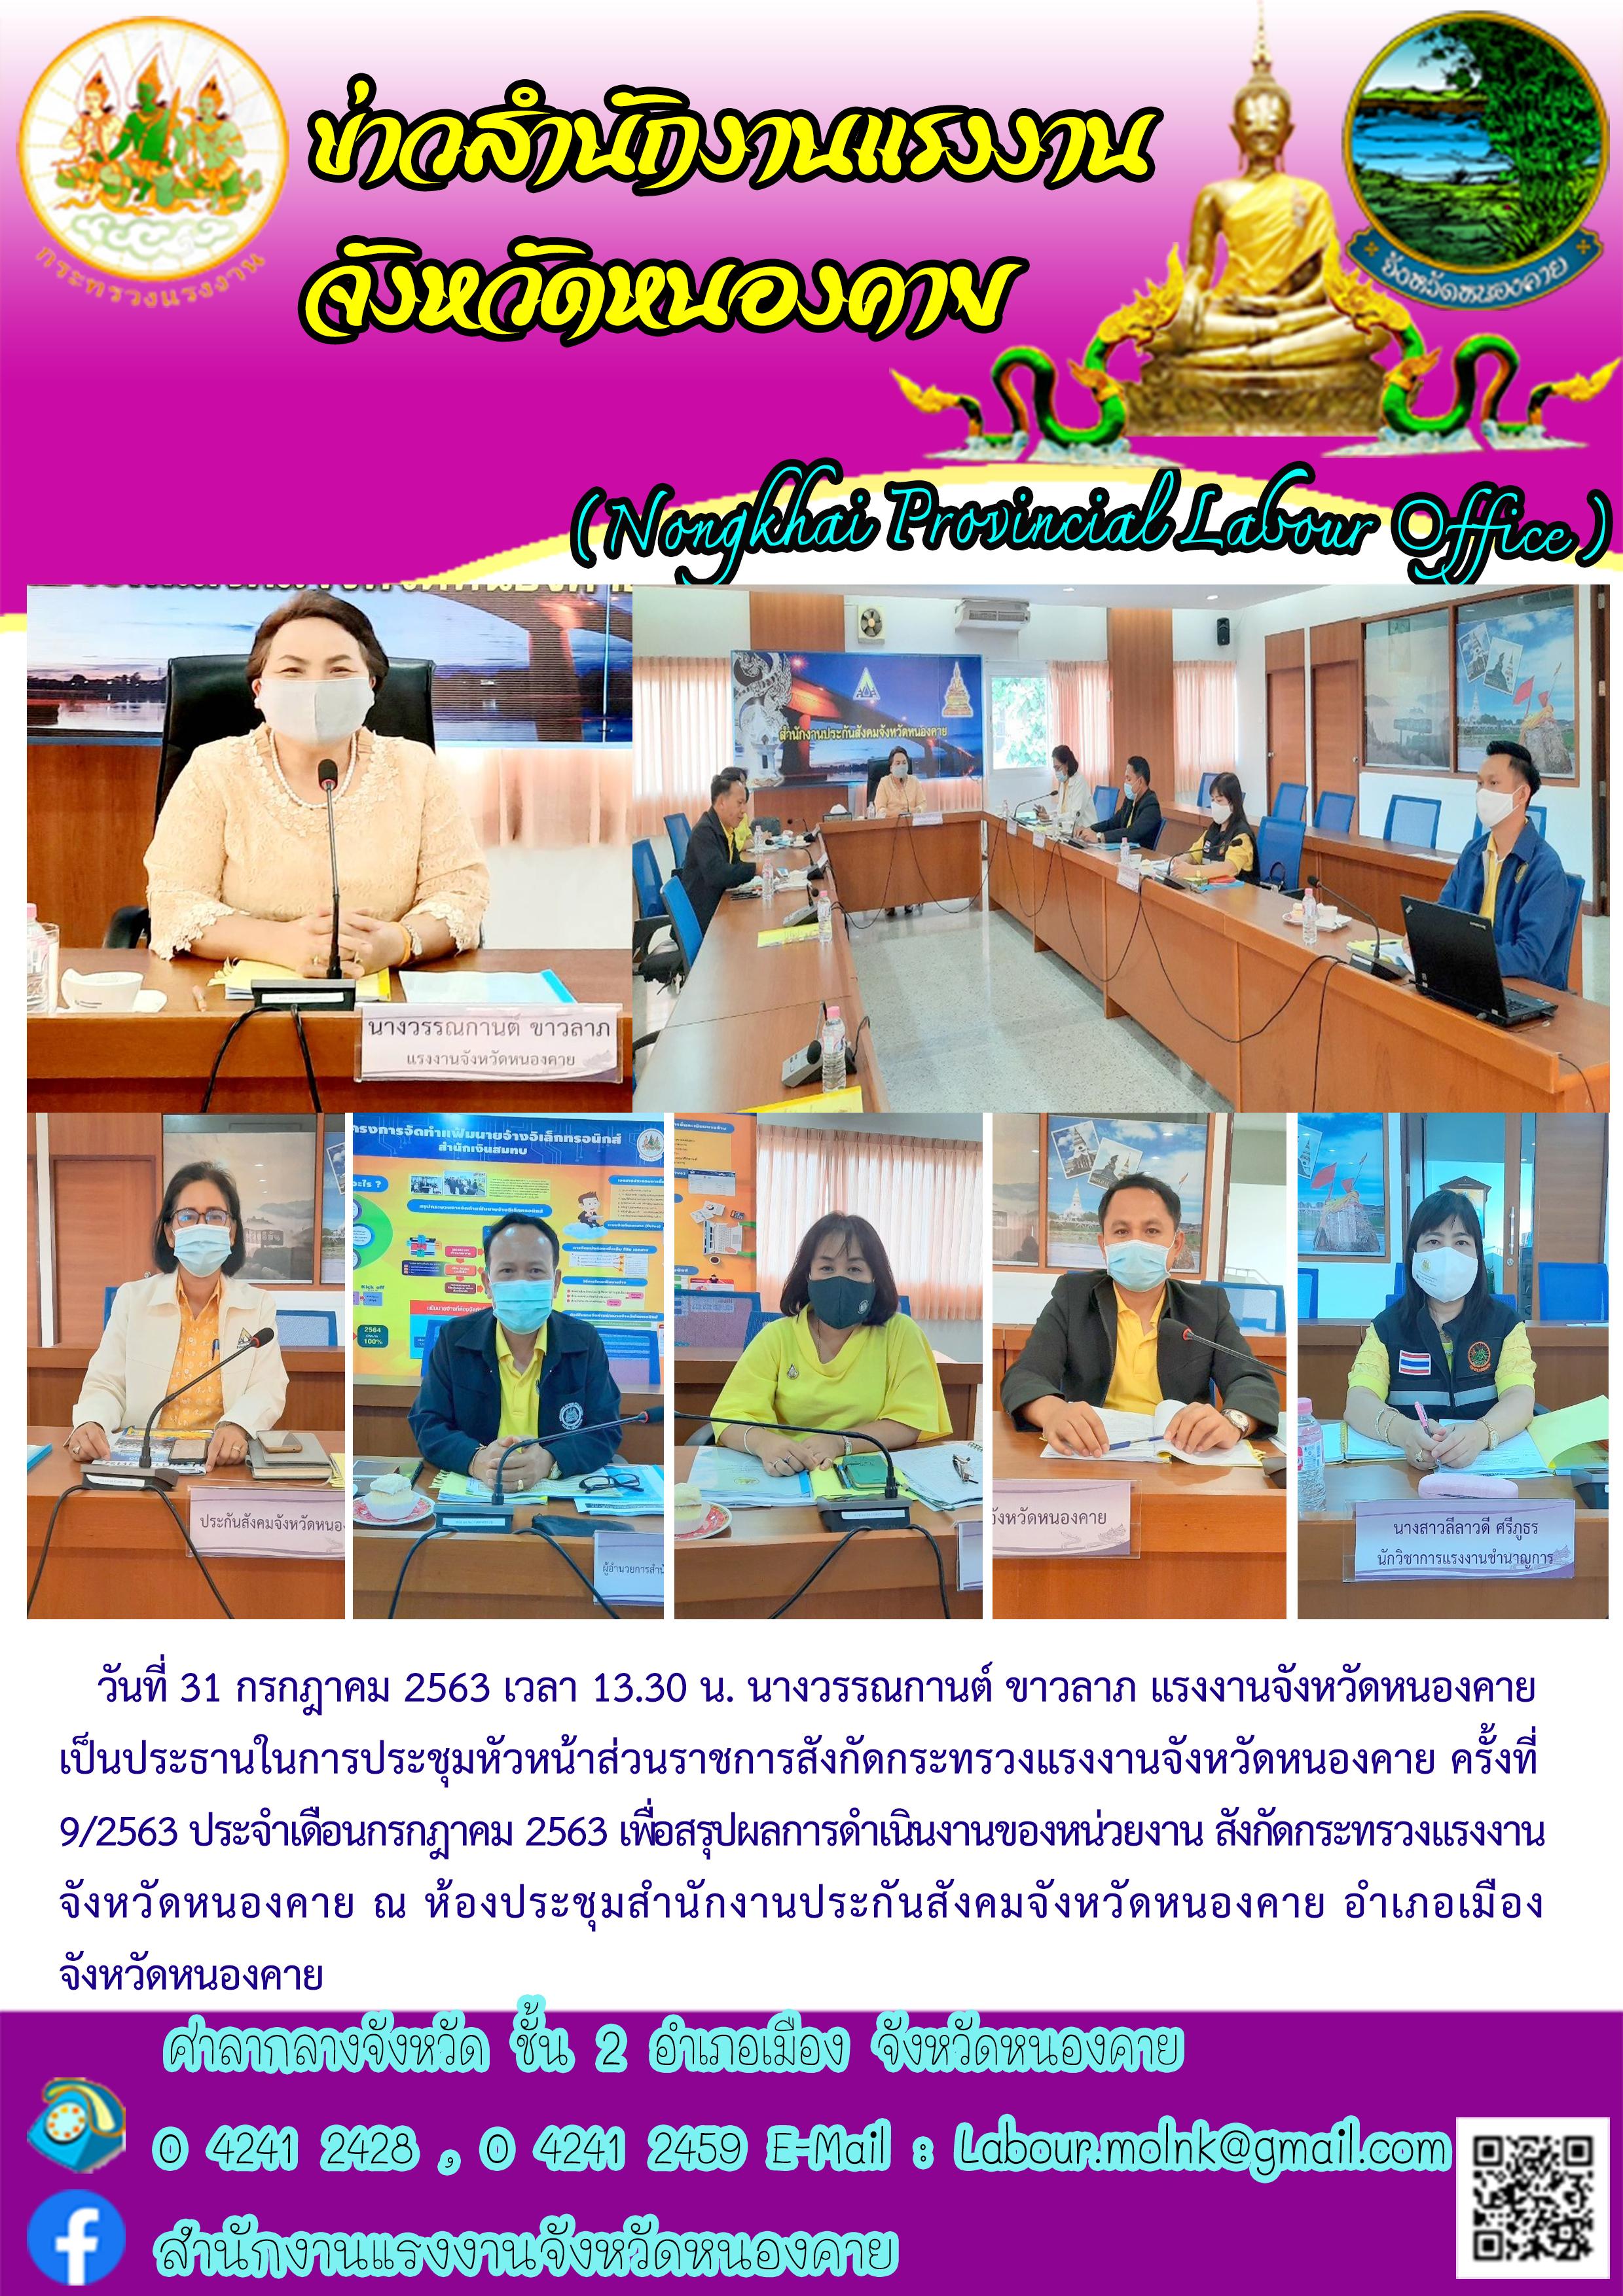 แรงงานจังหวัดหนองคาย เป็นประธานในการประชุมหัวหน้าส่วนราชการสังกัดกระทรวงแรงงานจังหวัดหนองคาย ครั้งที่ 9/2563 ประจำเดือนกรกฎาคม 2563